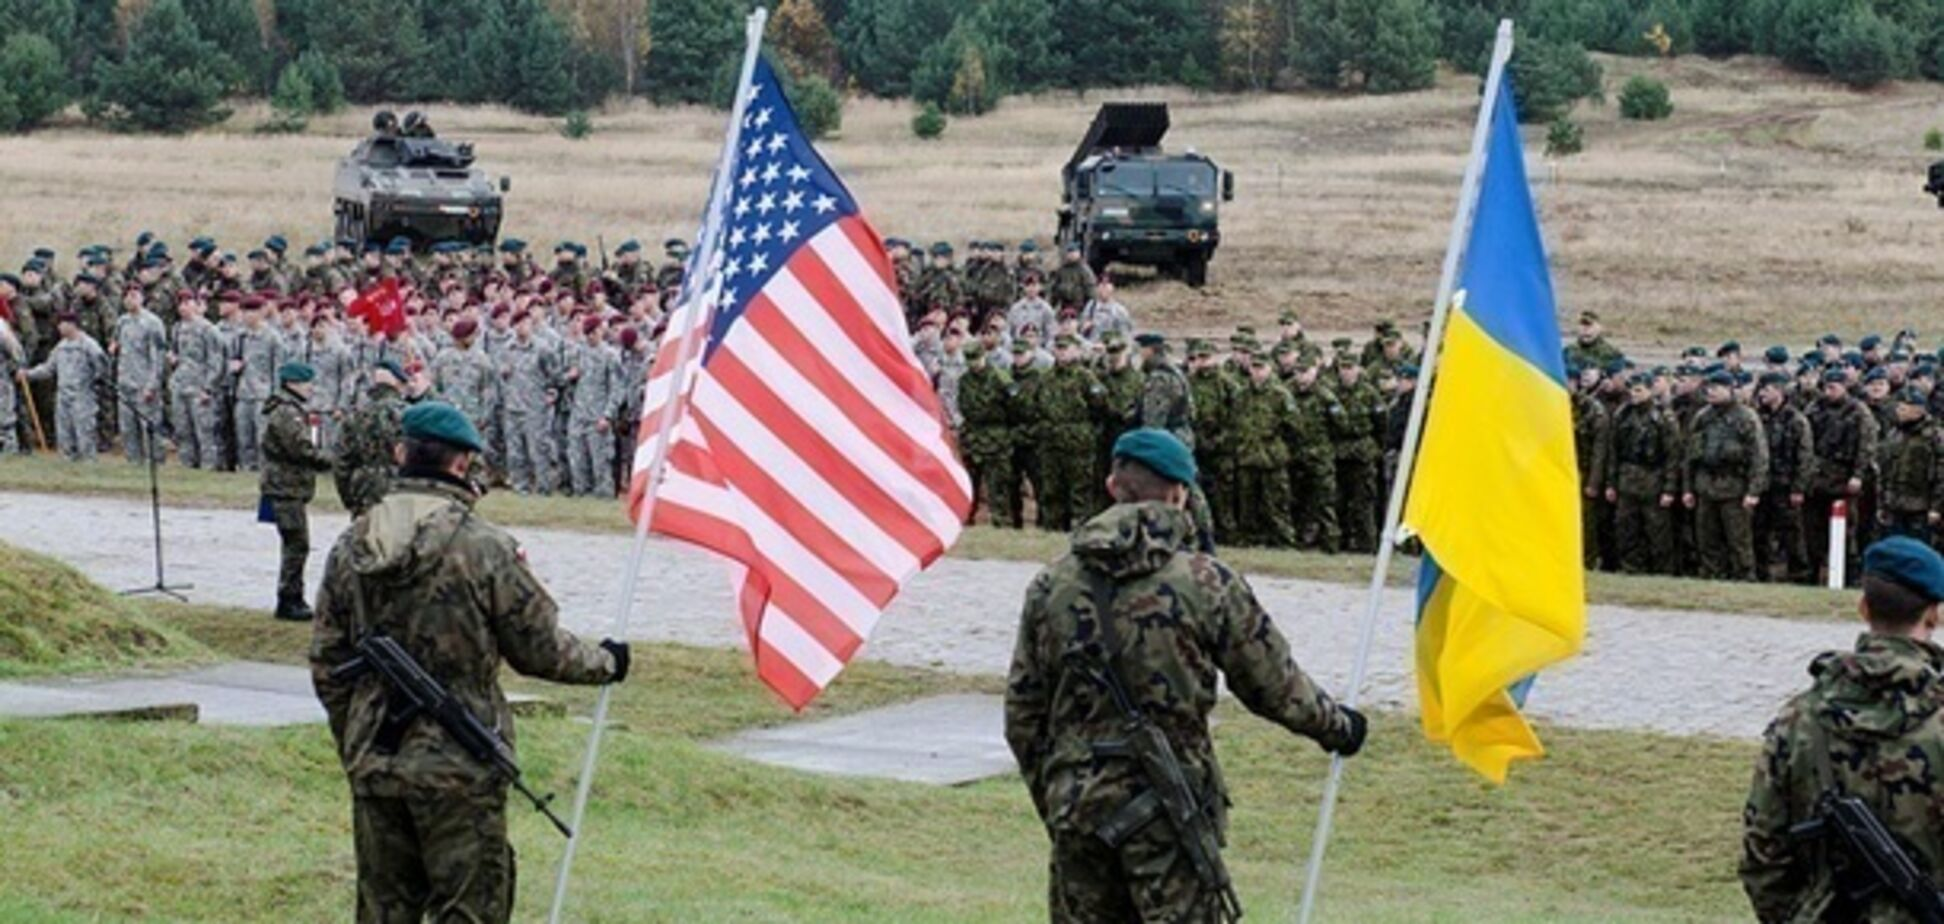 Поставки оружия Украине: в США рассказали об увеличении помощи